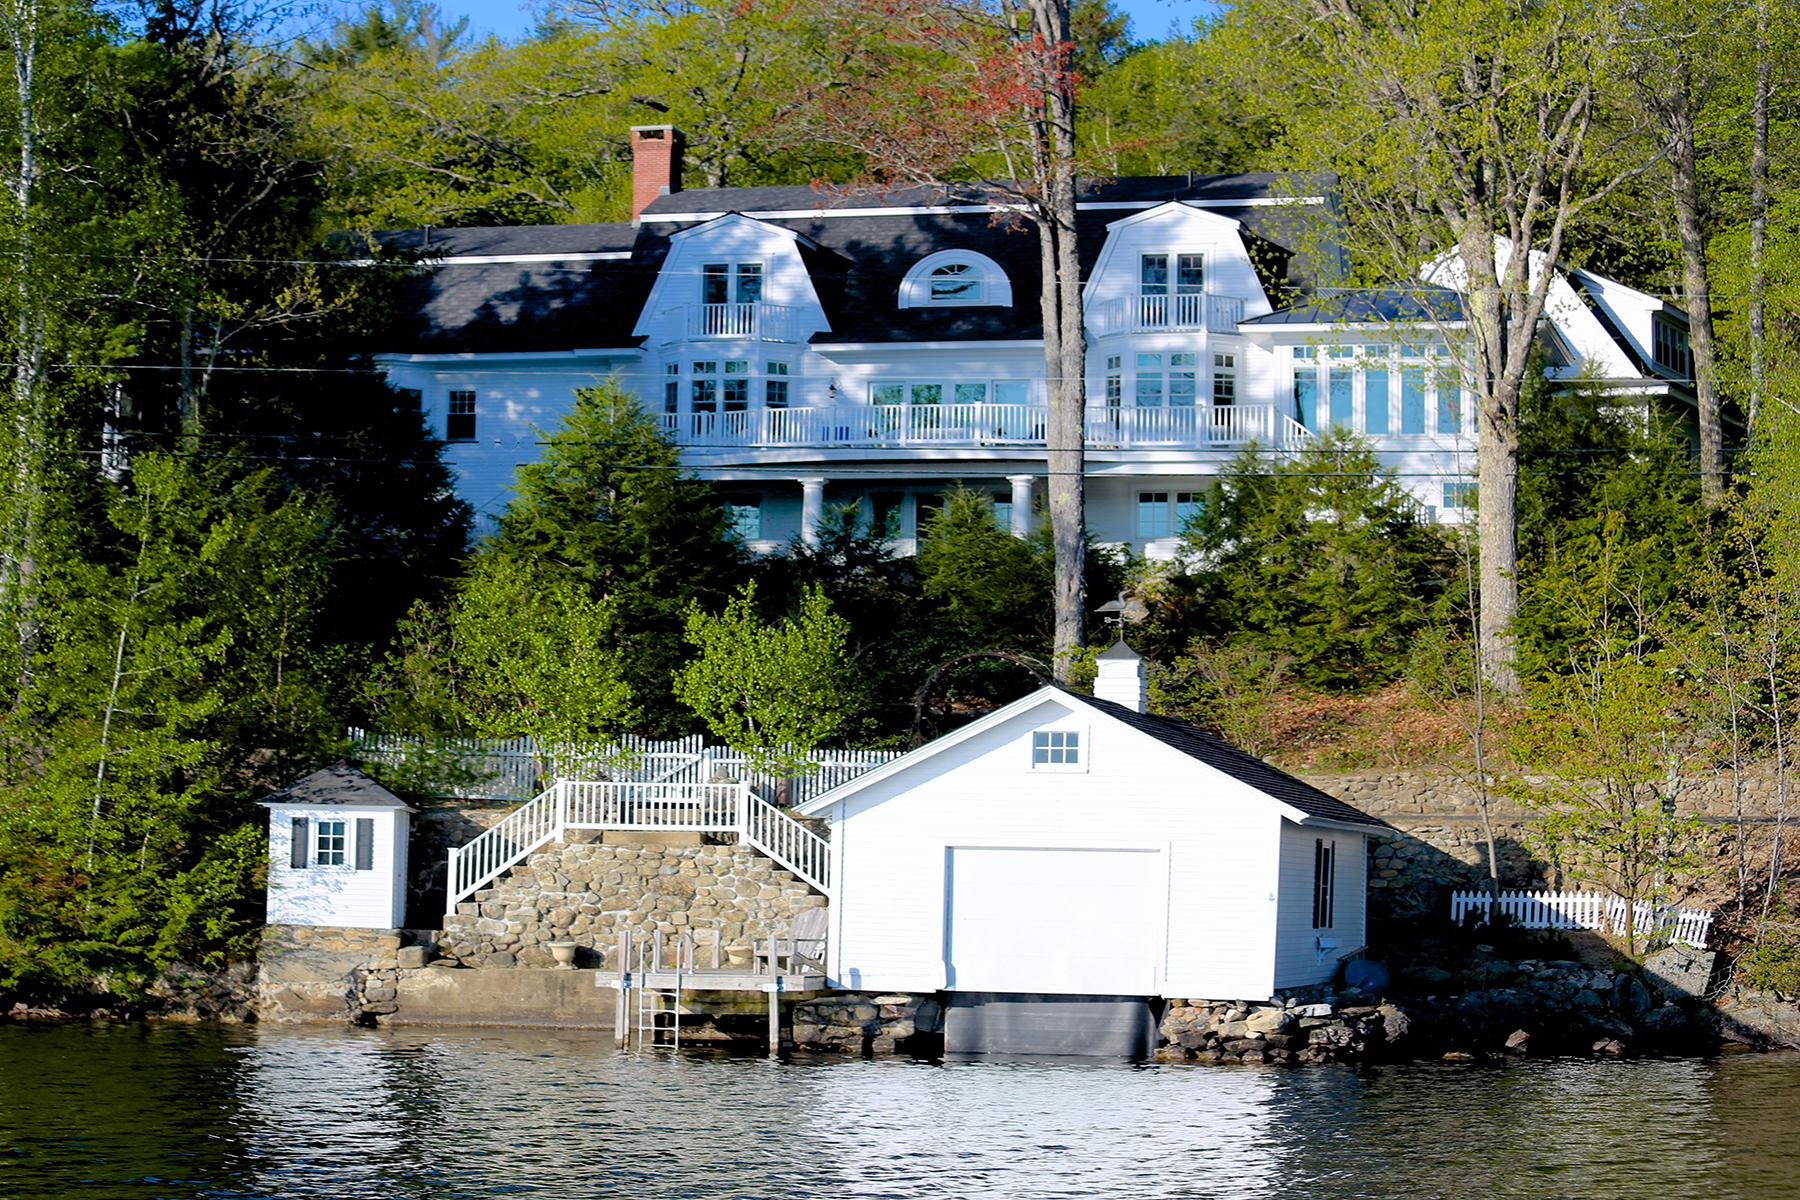 Villa per Vendita alle ore 756 Bunker Road, New London 756 Bunker Rd New London, New Hampshire 03257 Stati Uniti